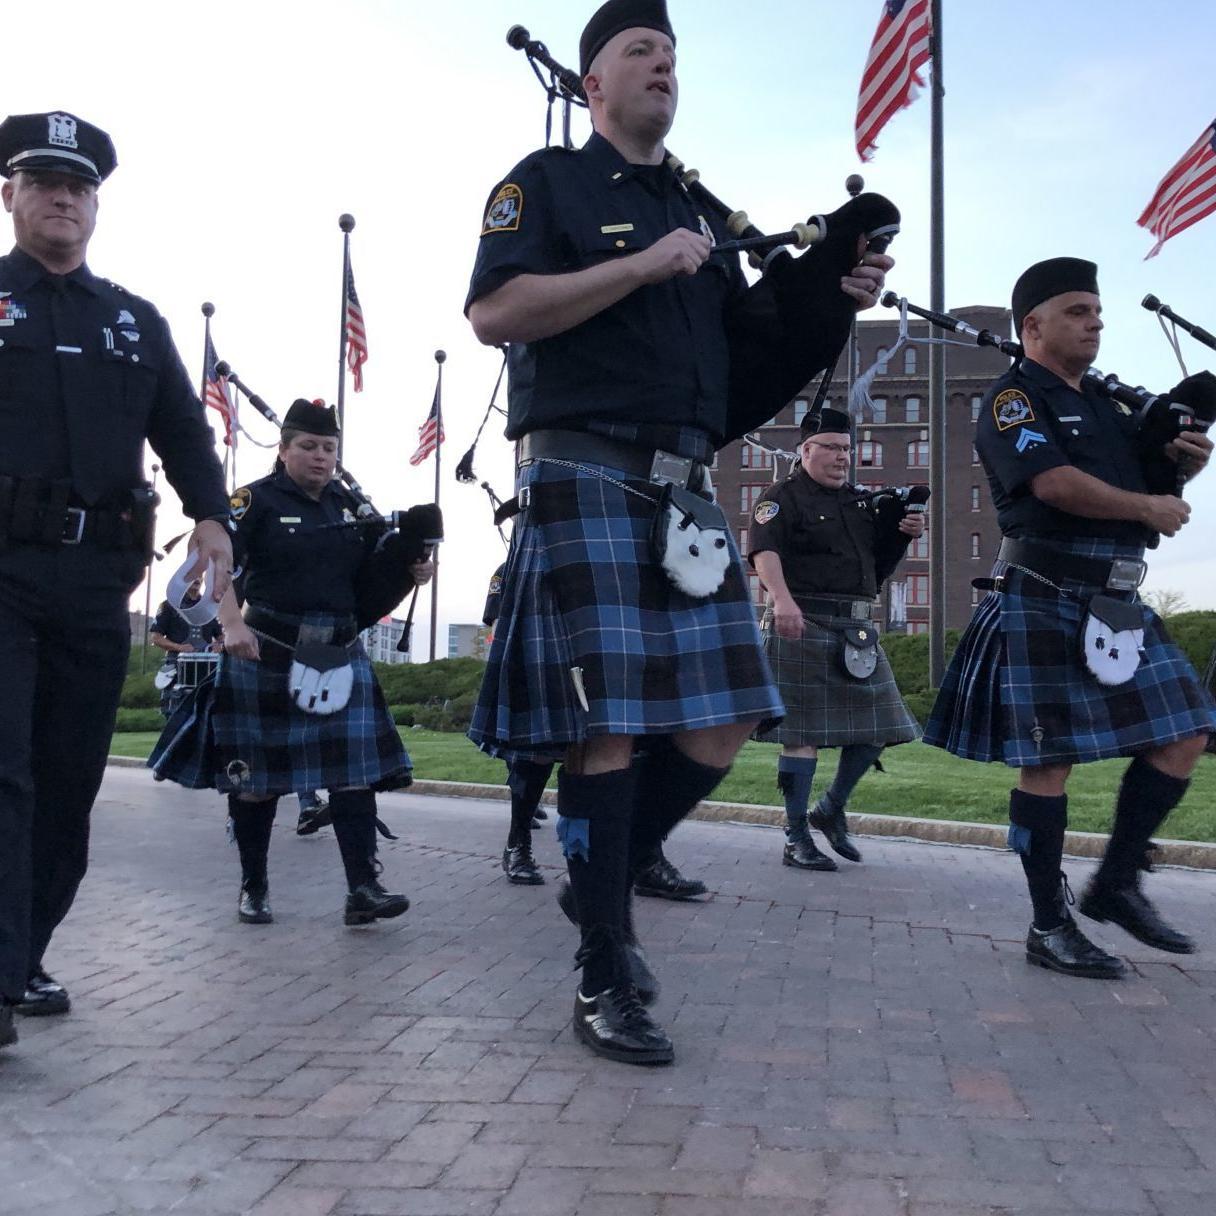 200 walk in downtown Omaha in memory of fallen law